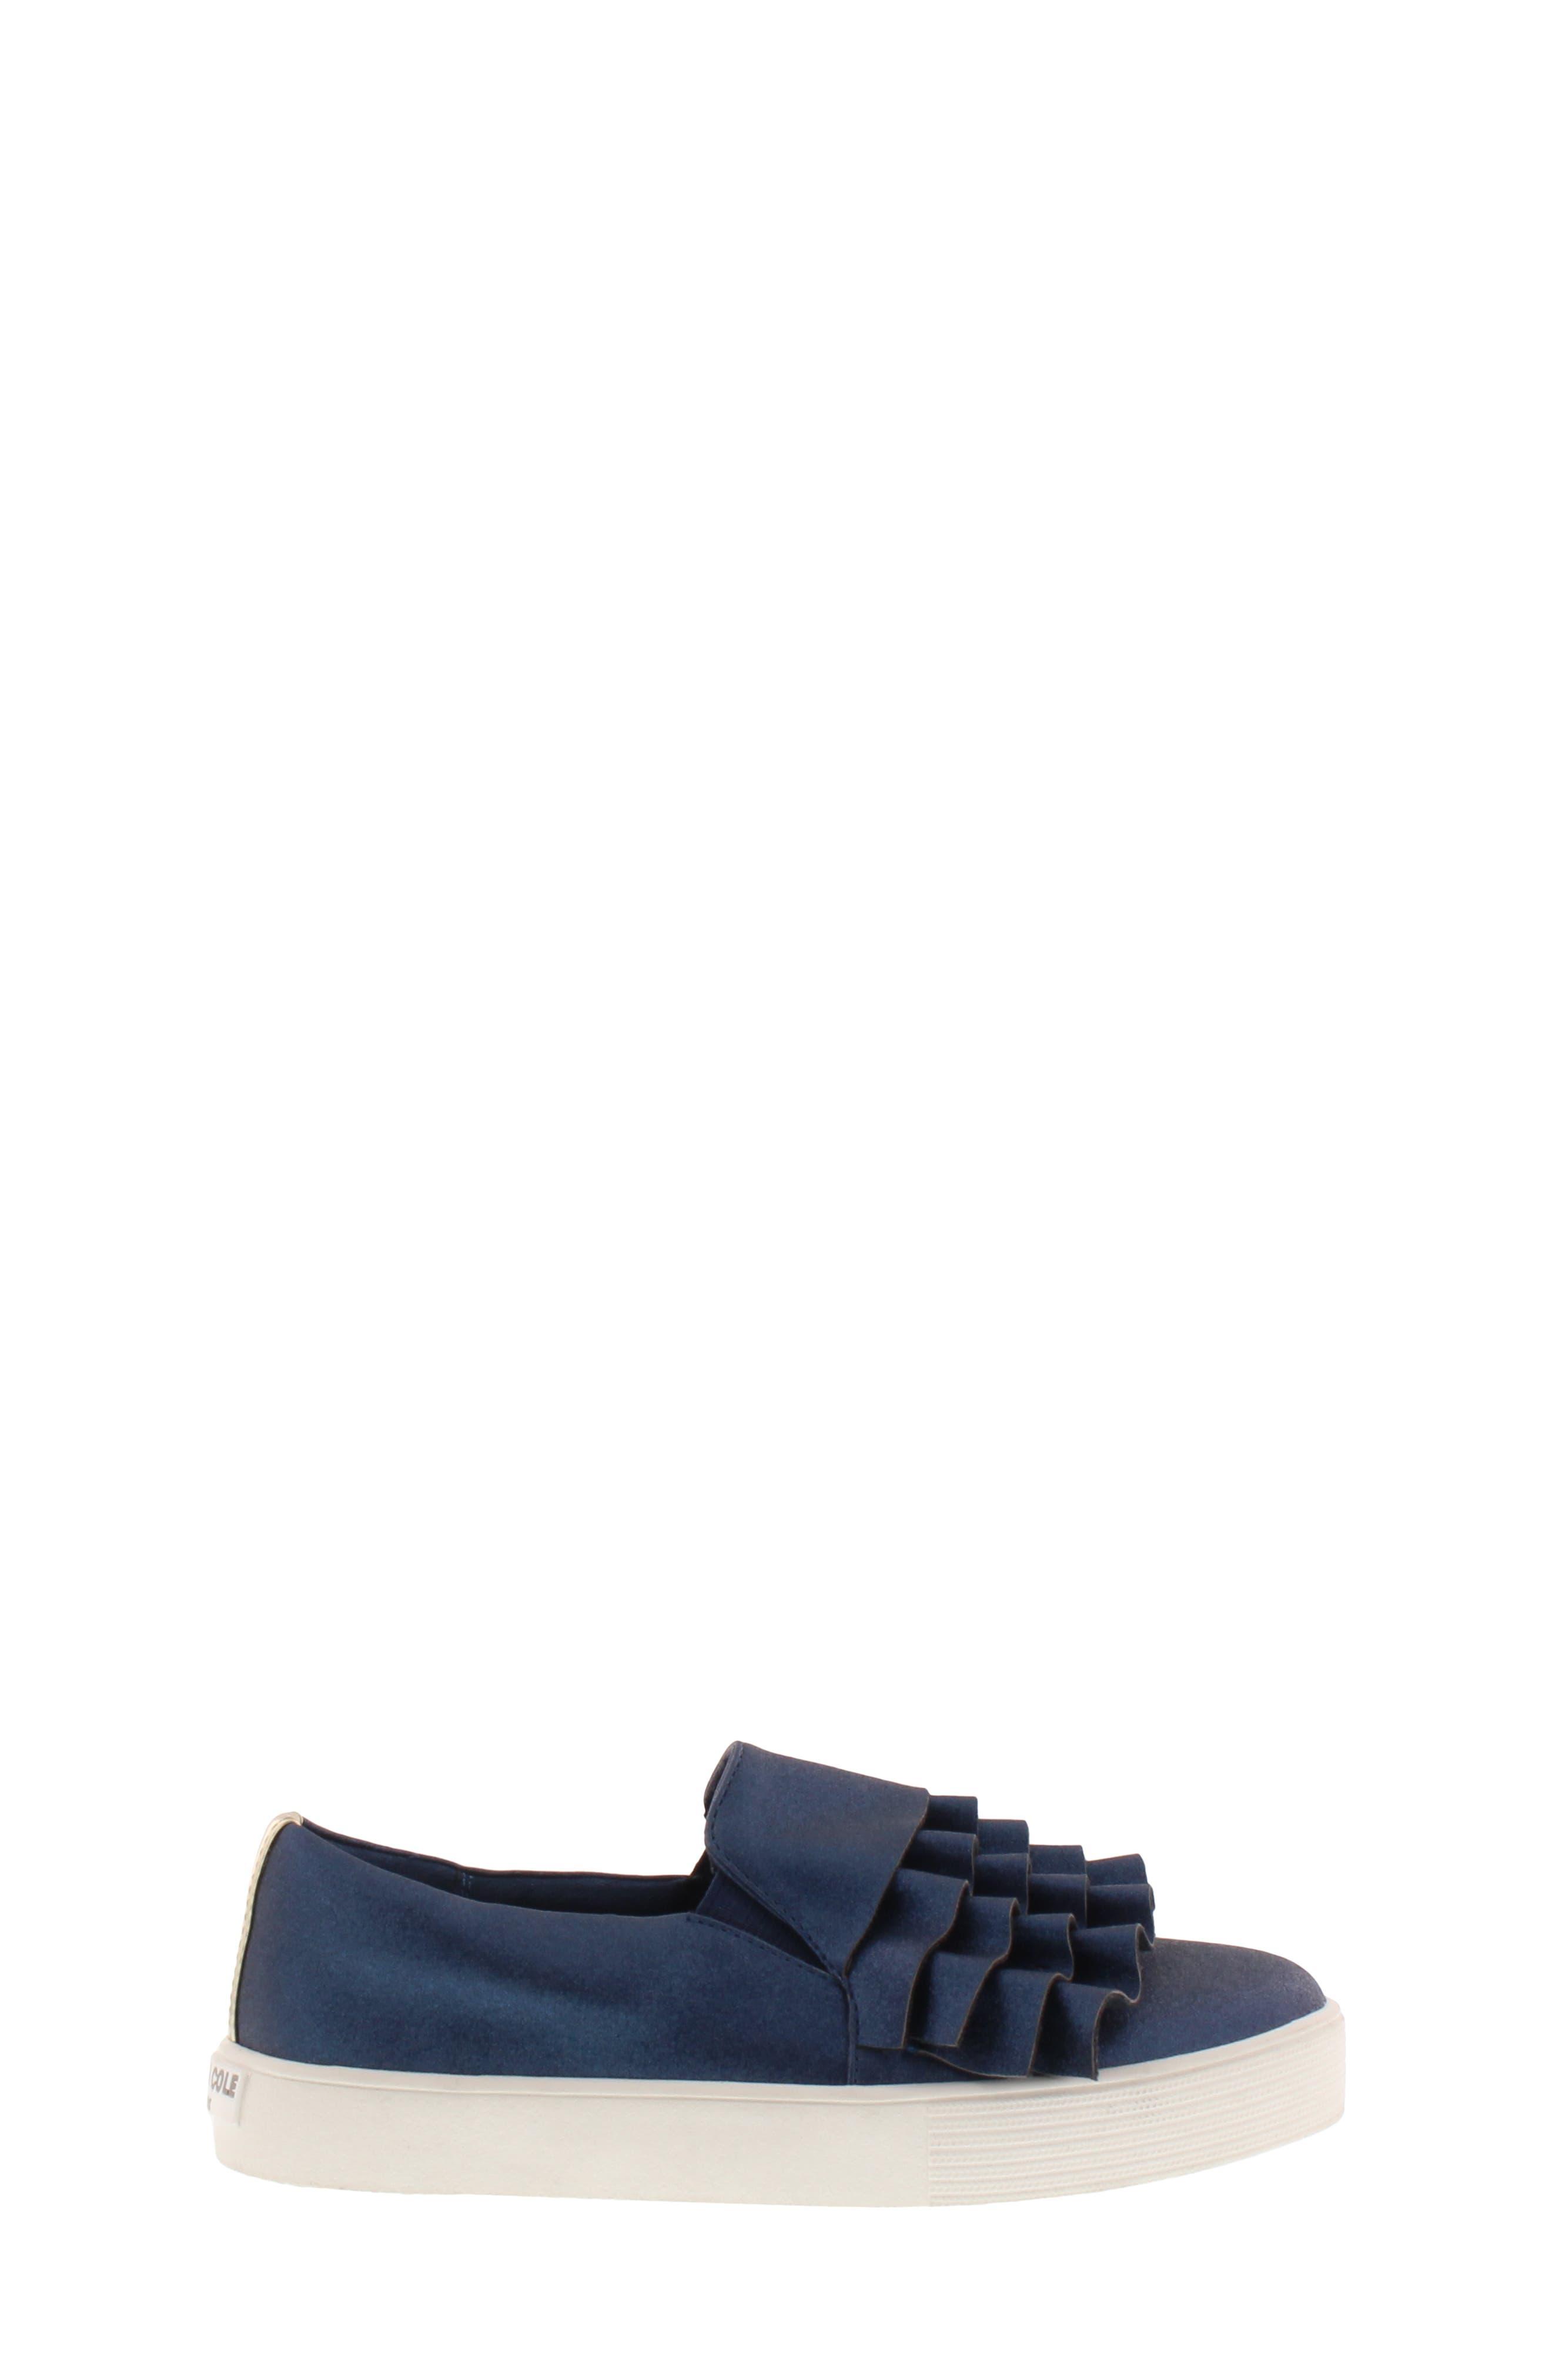 Shimmery Kam Ruffle Slip-On Sneaker,                             Alternate thumbnail 3, color,                             NAVY